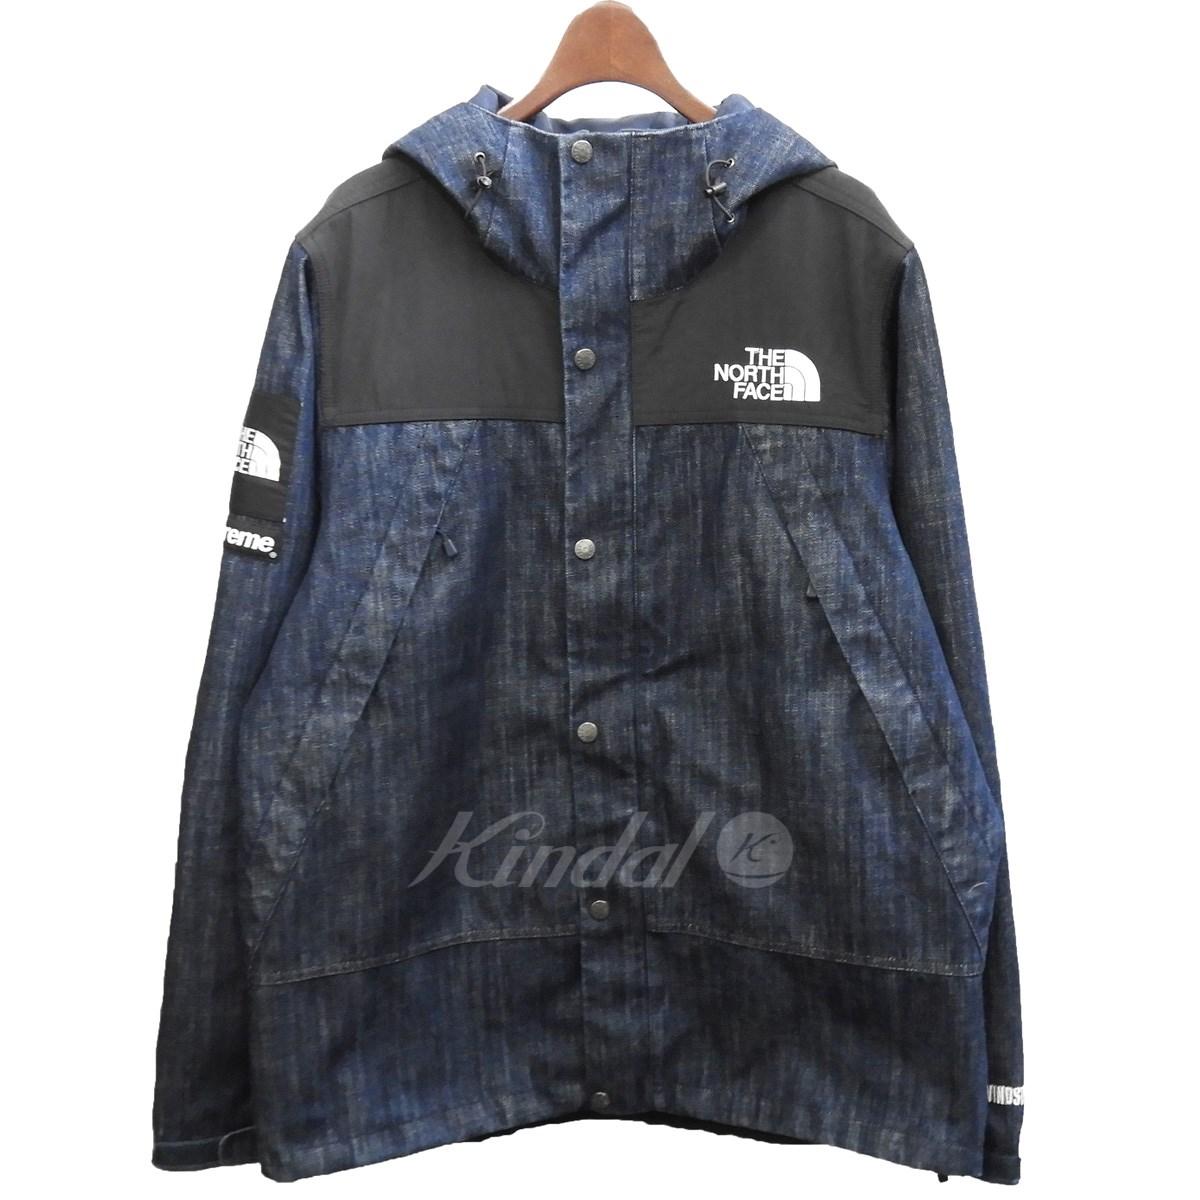 【中古】Supreme×THE NORTH FACE 15SS「Denim Dot Shot Jacket」デニムドットショットジャケット インディゴ サイズ:L 【送料無料】 【120319】(シュプリーム ノースフェイス)